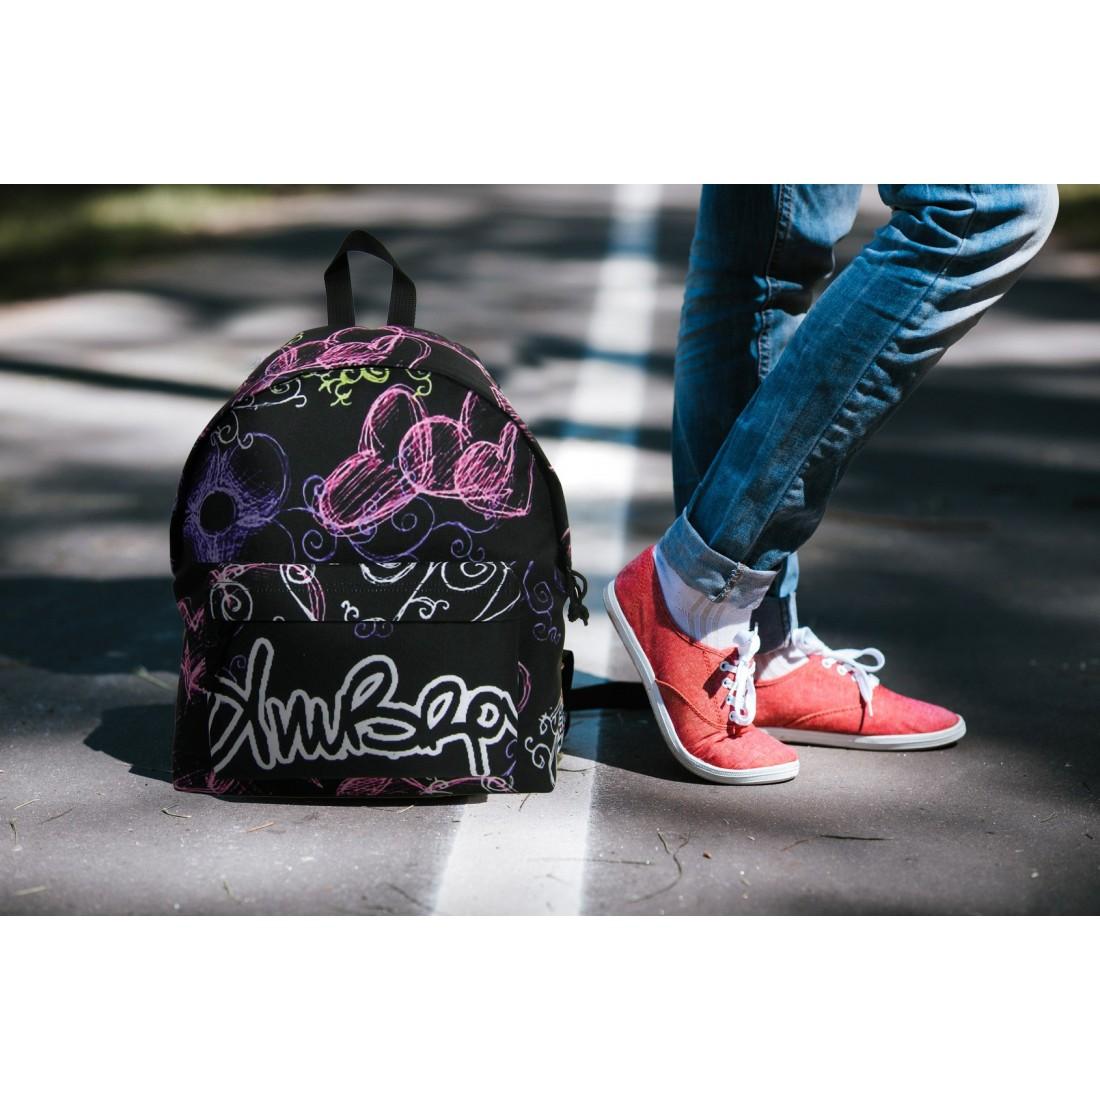 Plecak młodzieżowy Fullprint Love - plecak-tornister.pl